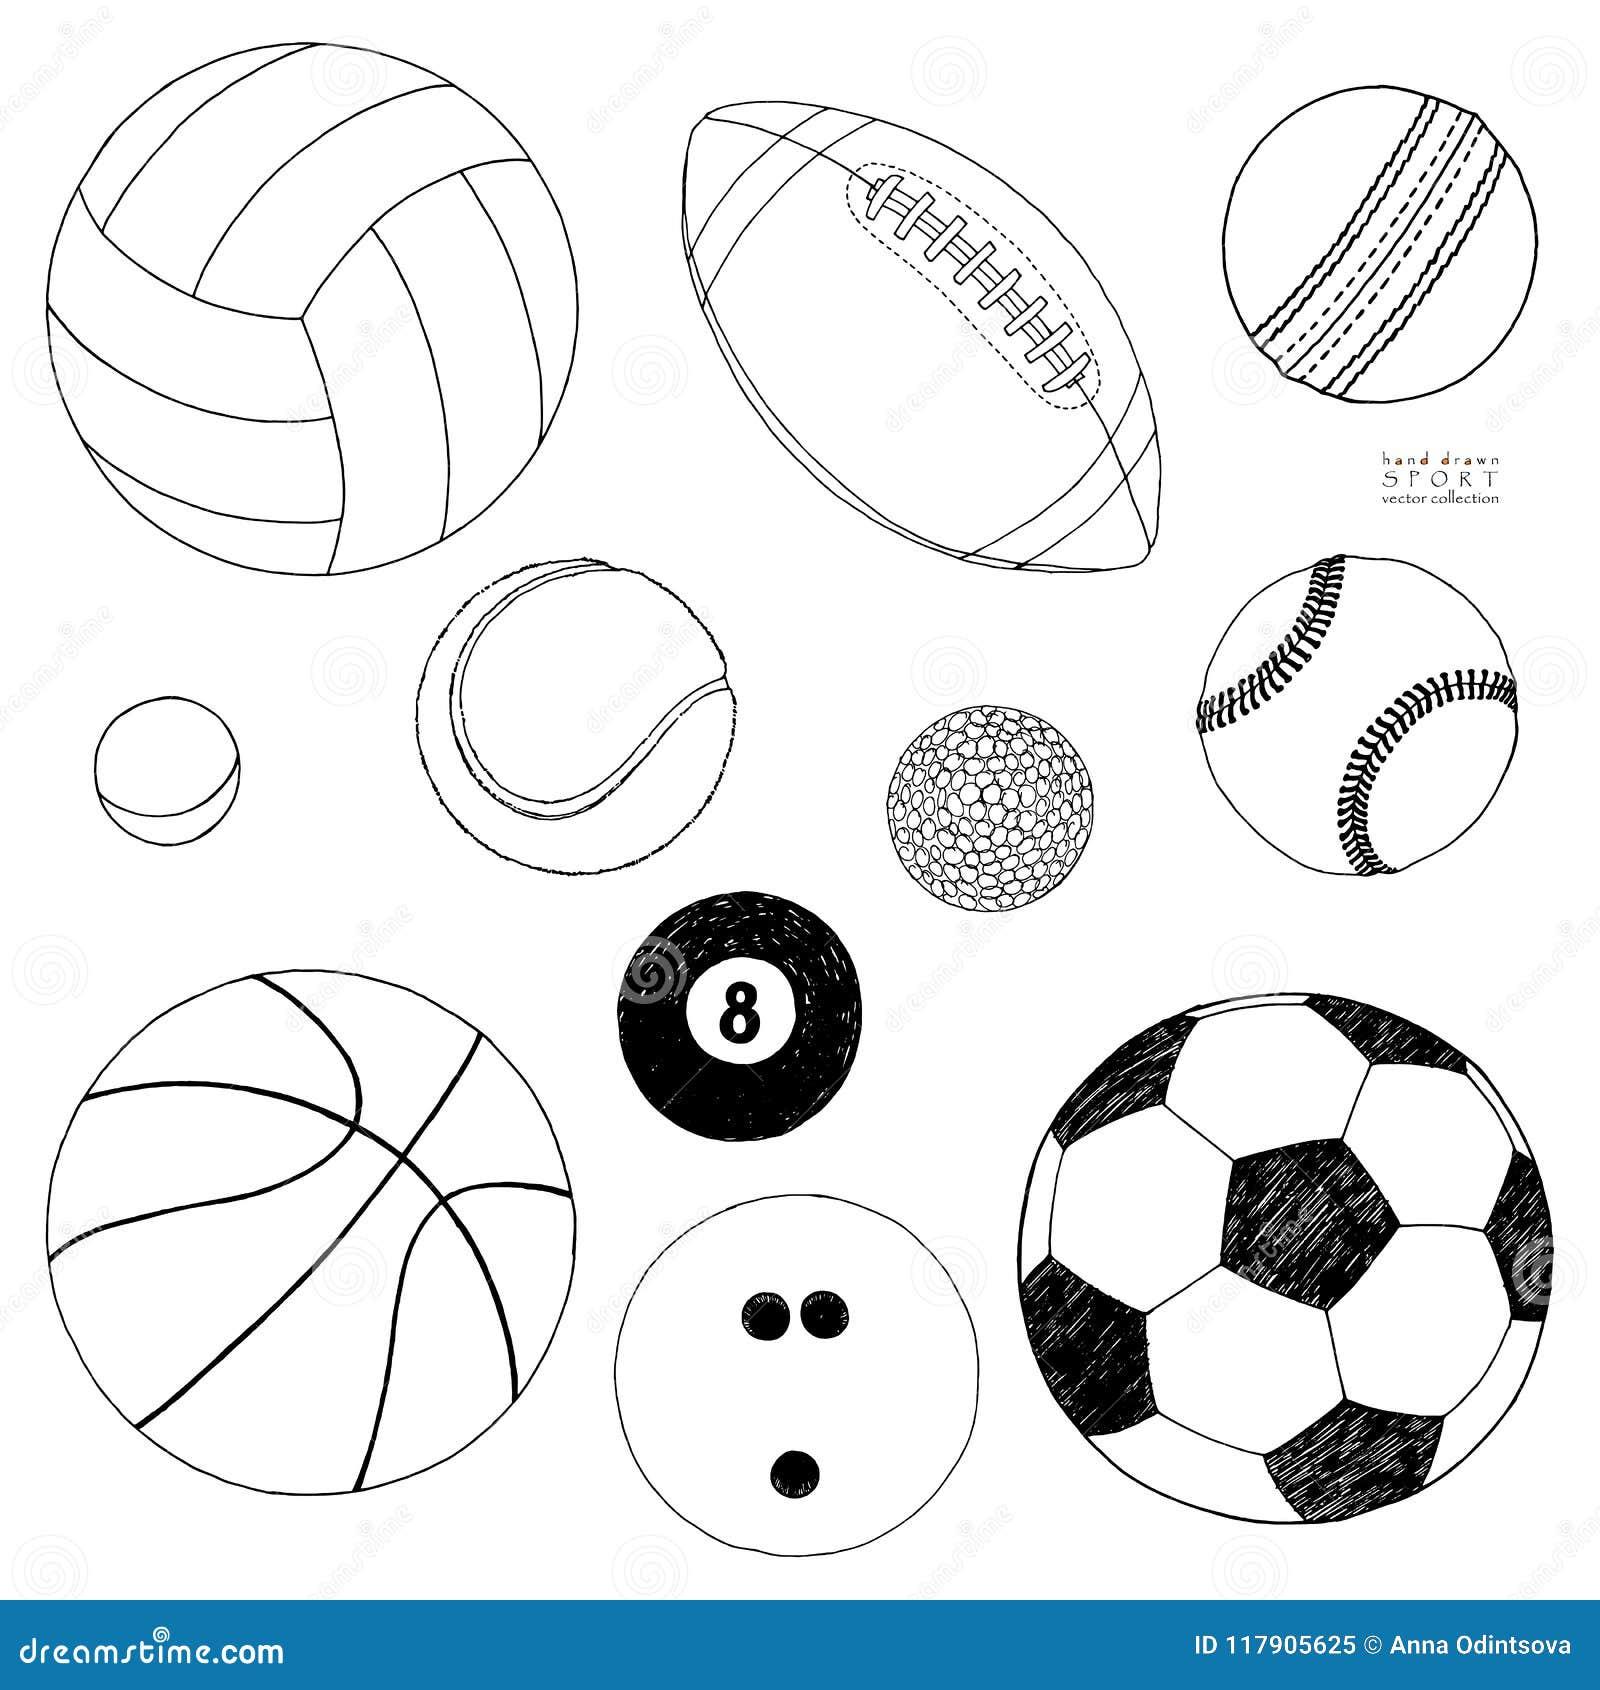 Vektoruppsättning av sportbollar Den tecknade handen skissar bakgrund isolerad white